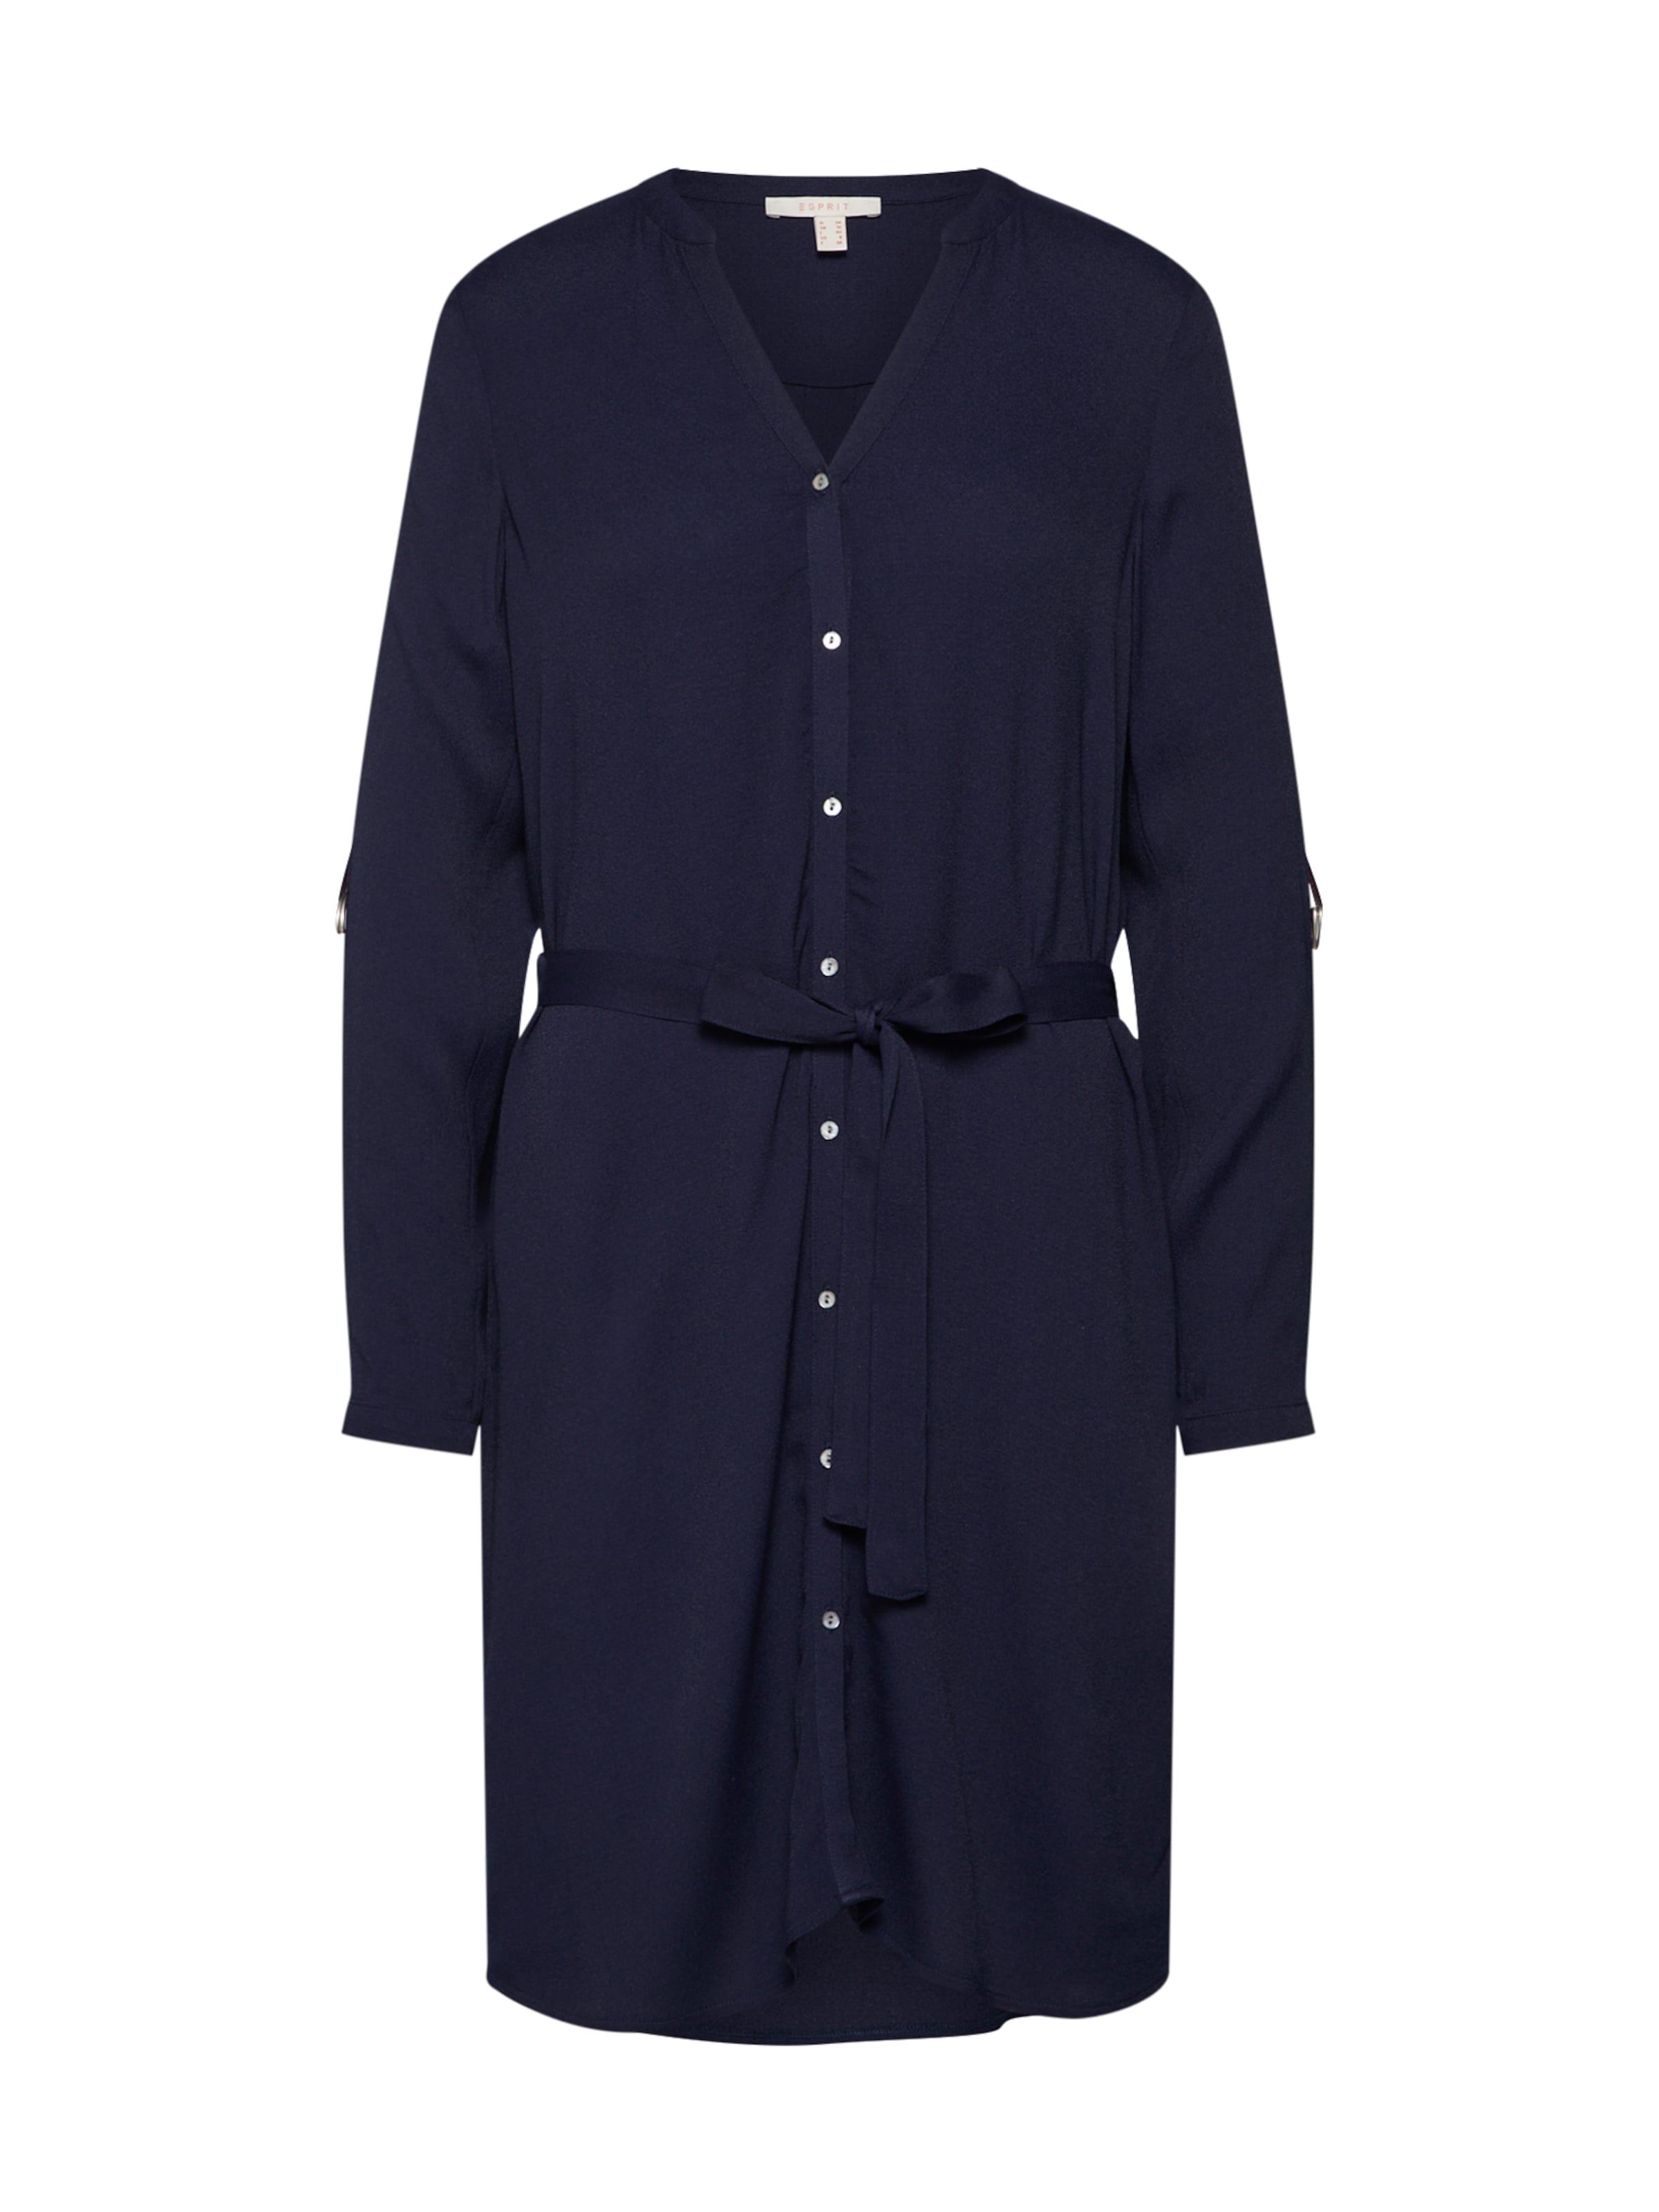 NachtblauRot Weiß Esprit Kleid Kleid NachtblauRot Esprit In In Weiß k0nPXO8w